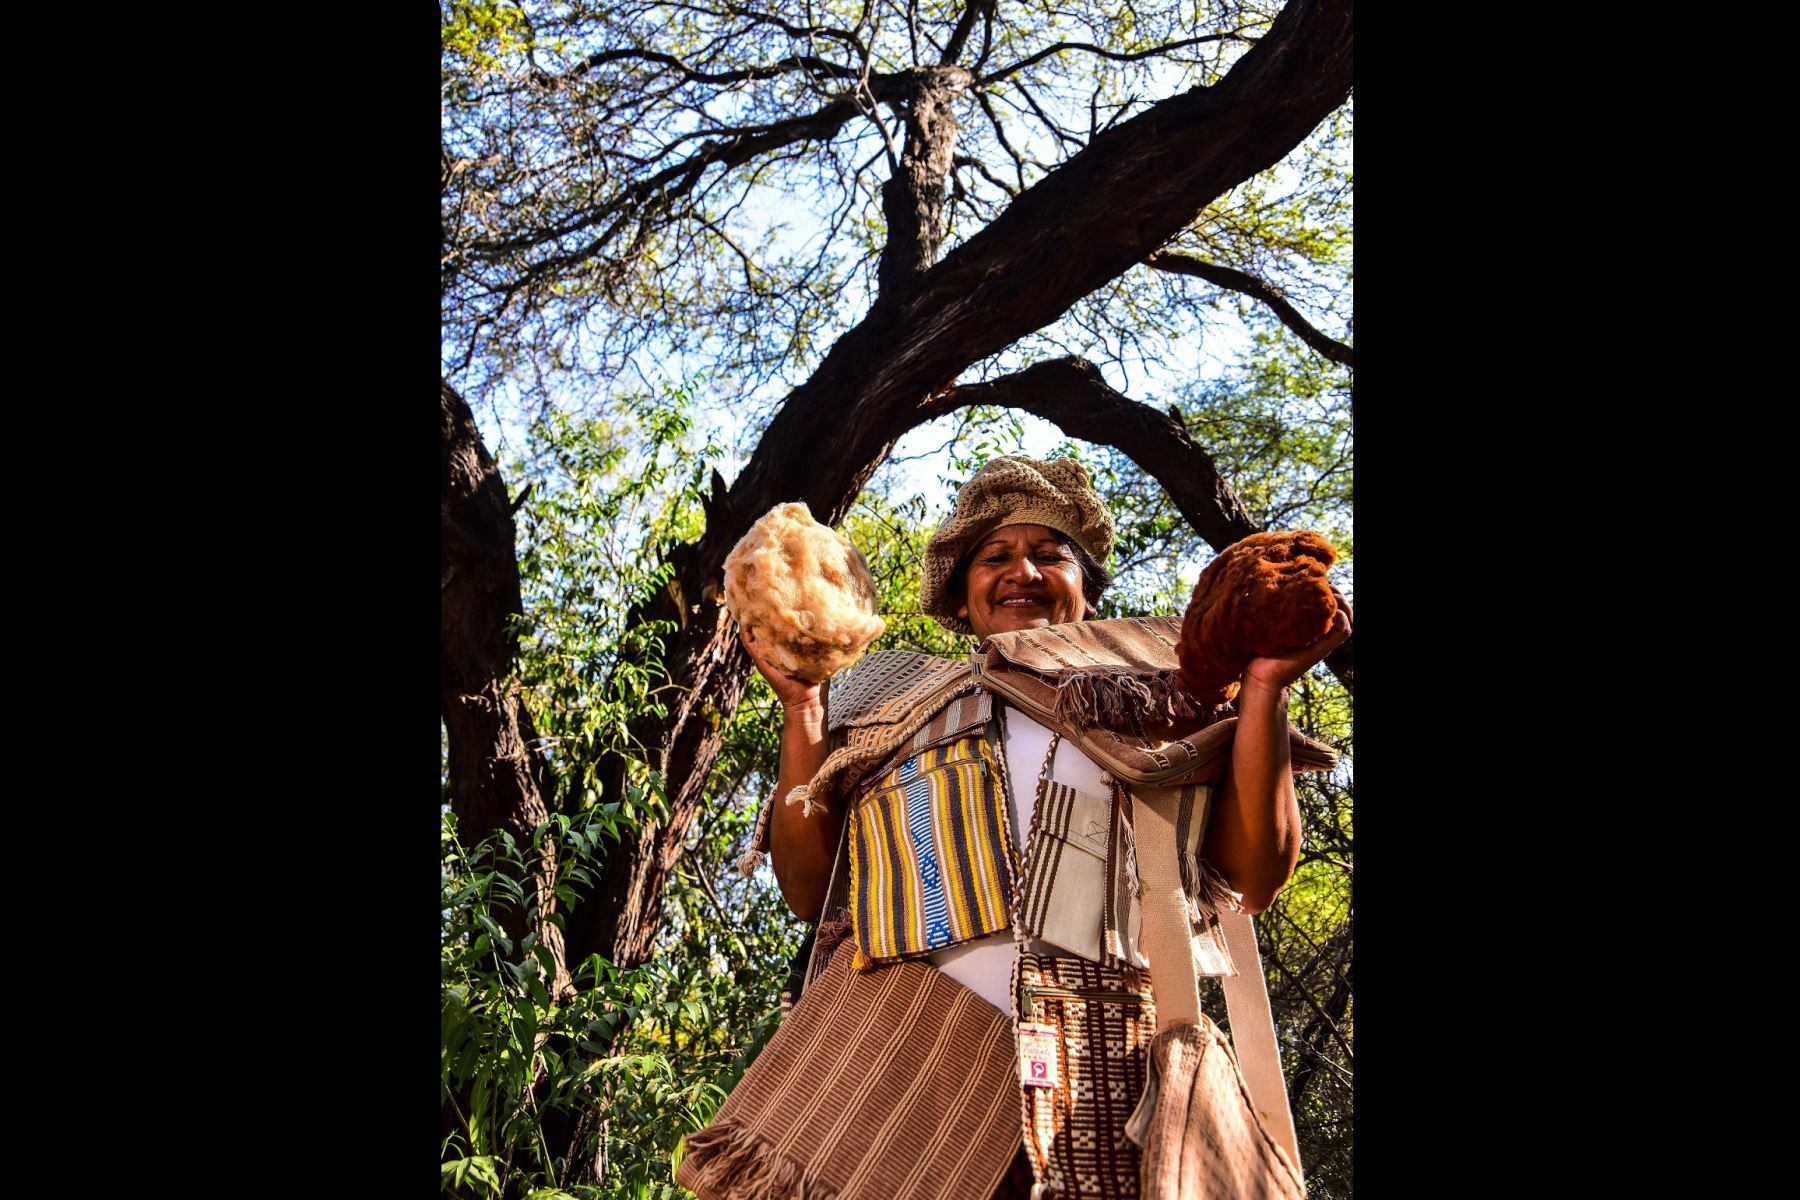 Durante la Ruta de la Miel en el Santuario Histórico Bosque de Pómac, en la región Lambayeque, los visitantes pueden aprender a tejer con las fibras nativas. Foto: ANDINA/Difusión